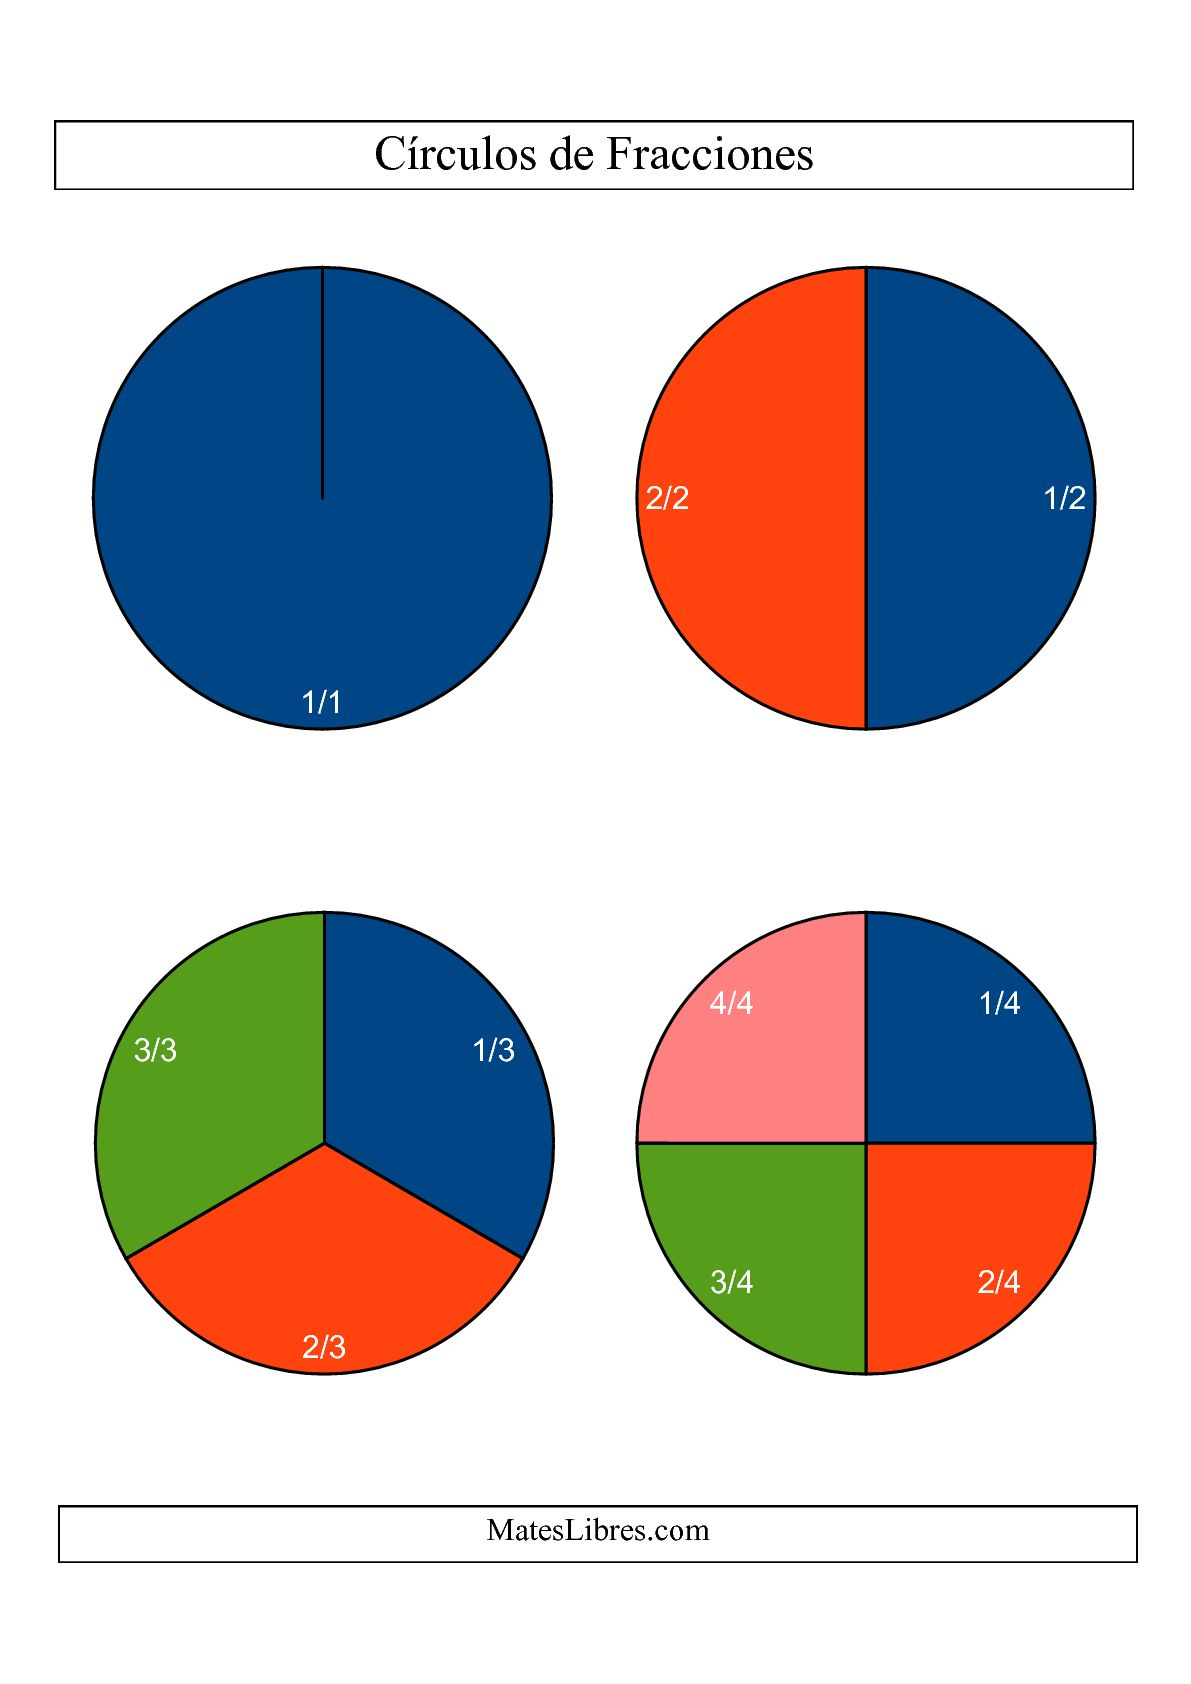 La Todos los Círculos de Fracciones con Etiquetas (Todas) Hoja de Ejercicio de Fracciones